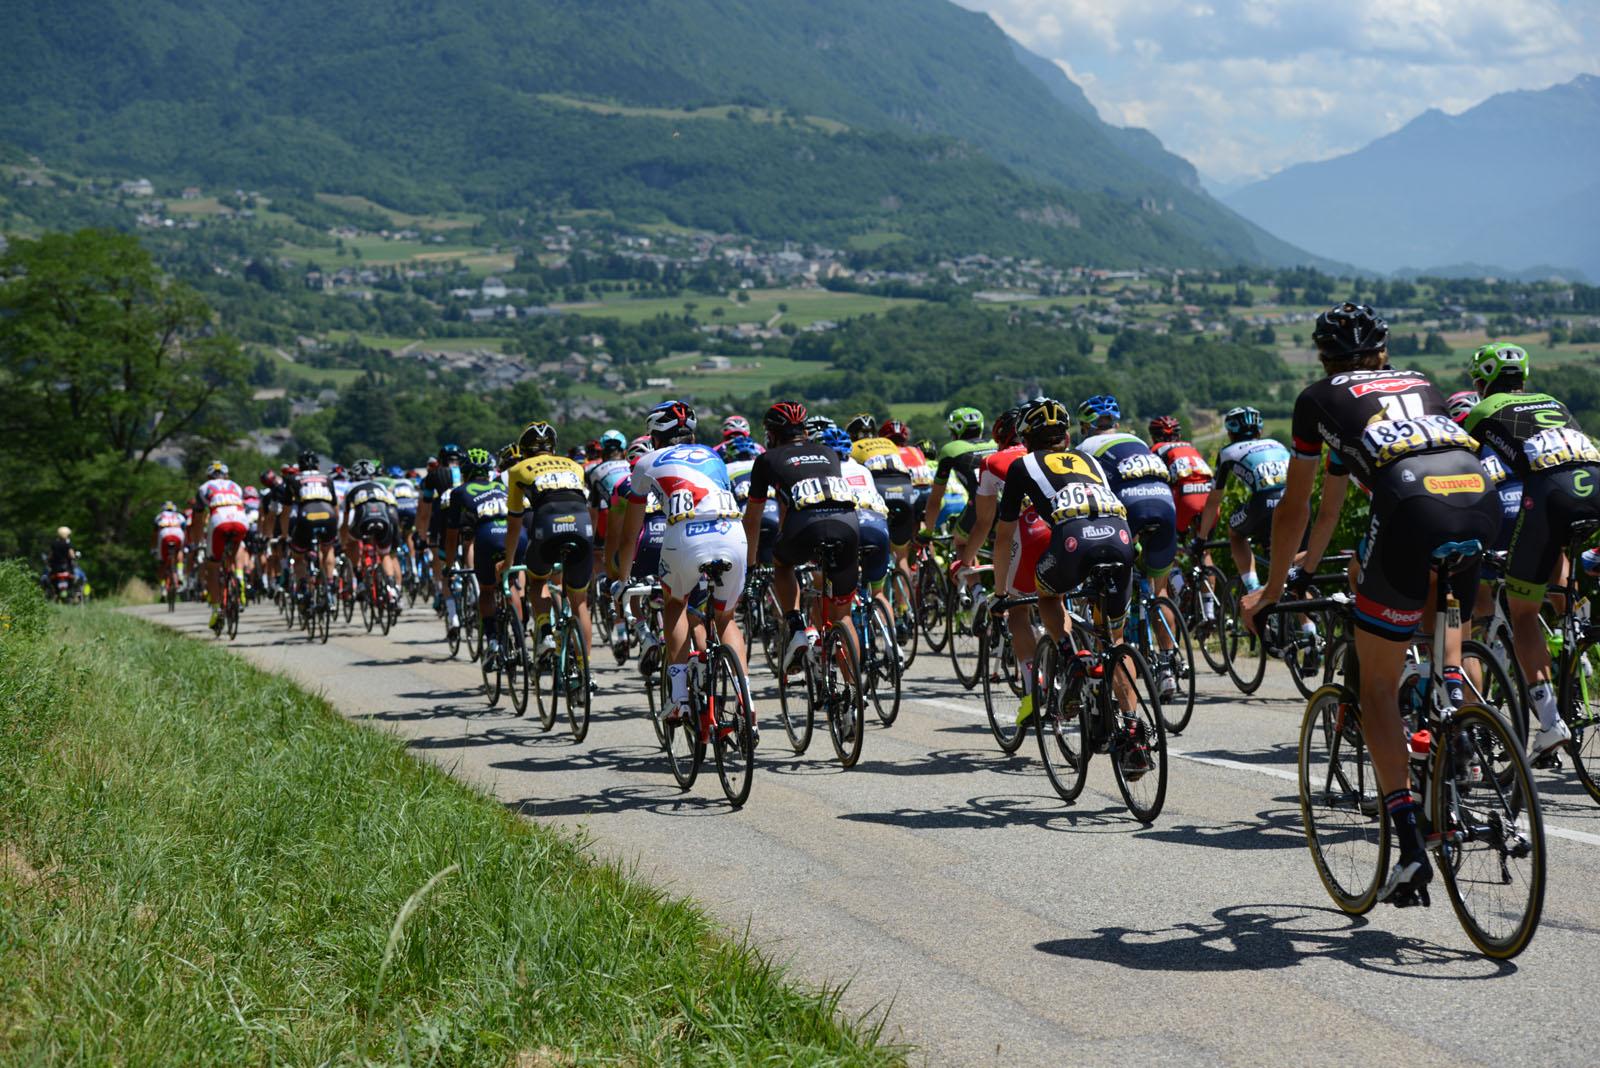 Le Critérium du Dauphiné, de passage à Saint-Jean-de-la-Porte, près de votre location de vacances dans les Alpes